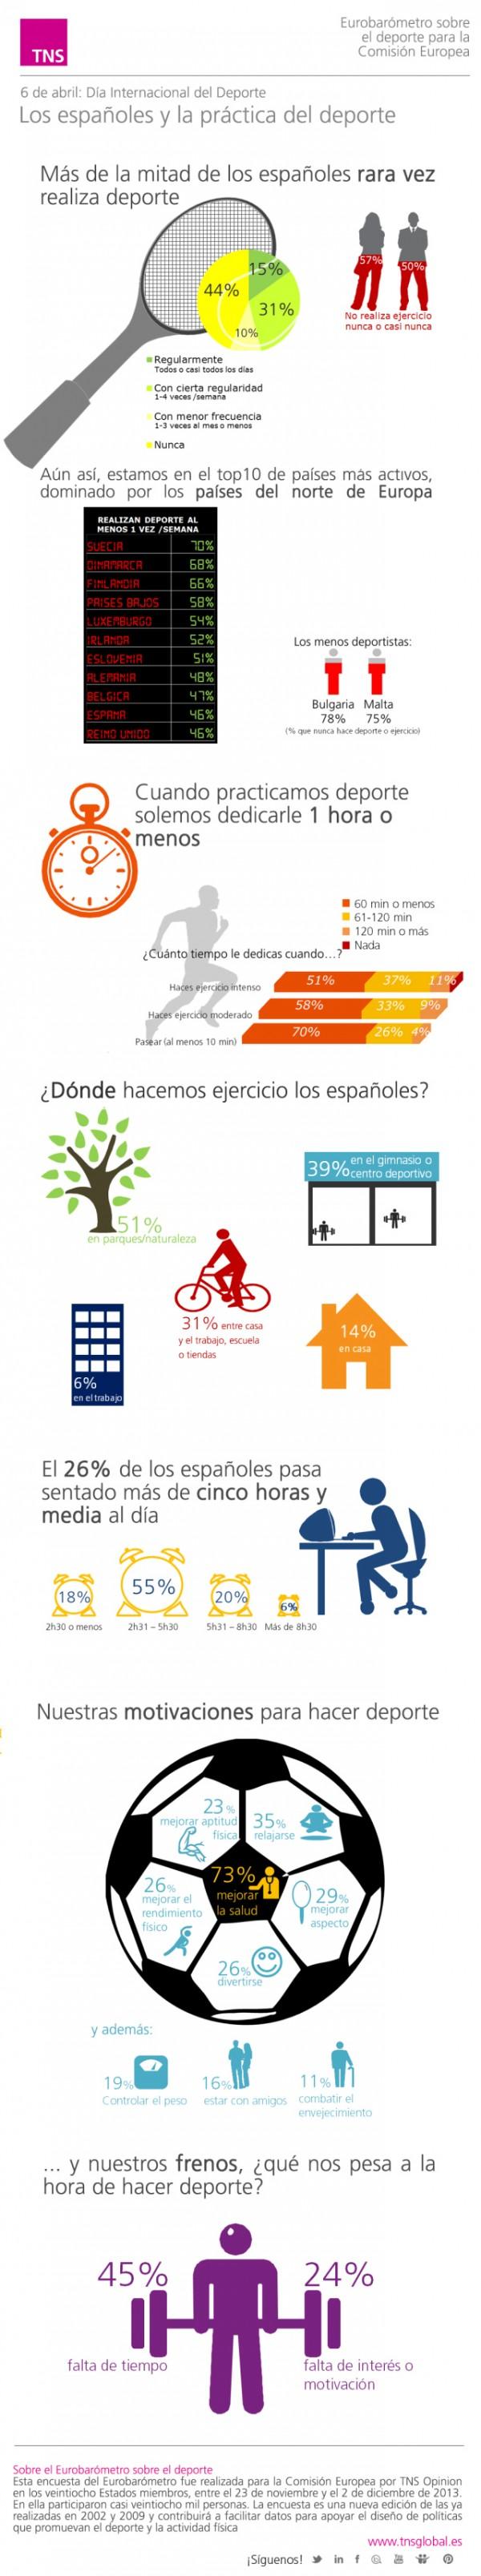 infografia_espanoles_y_deporte